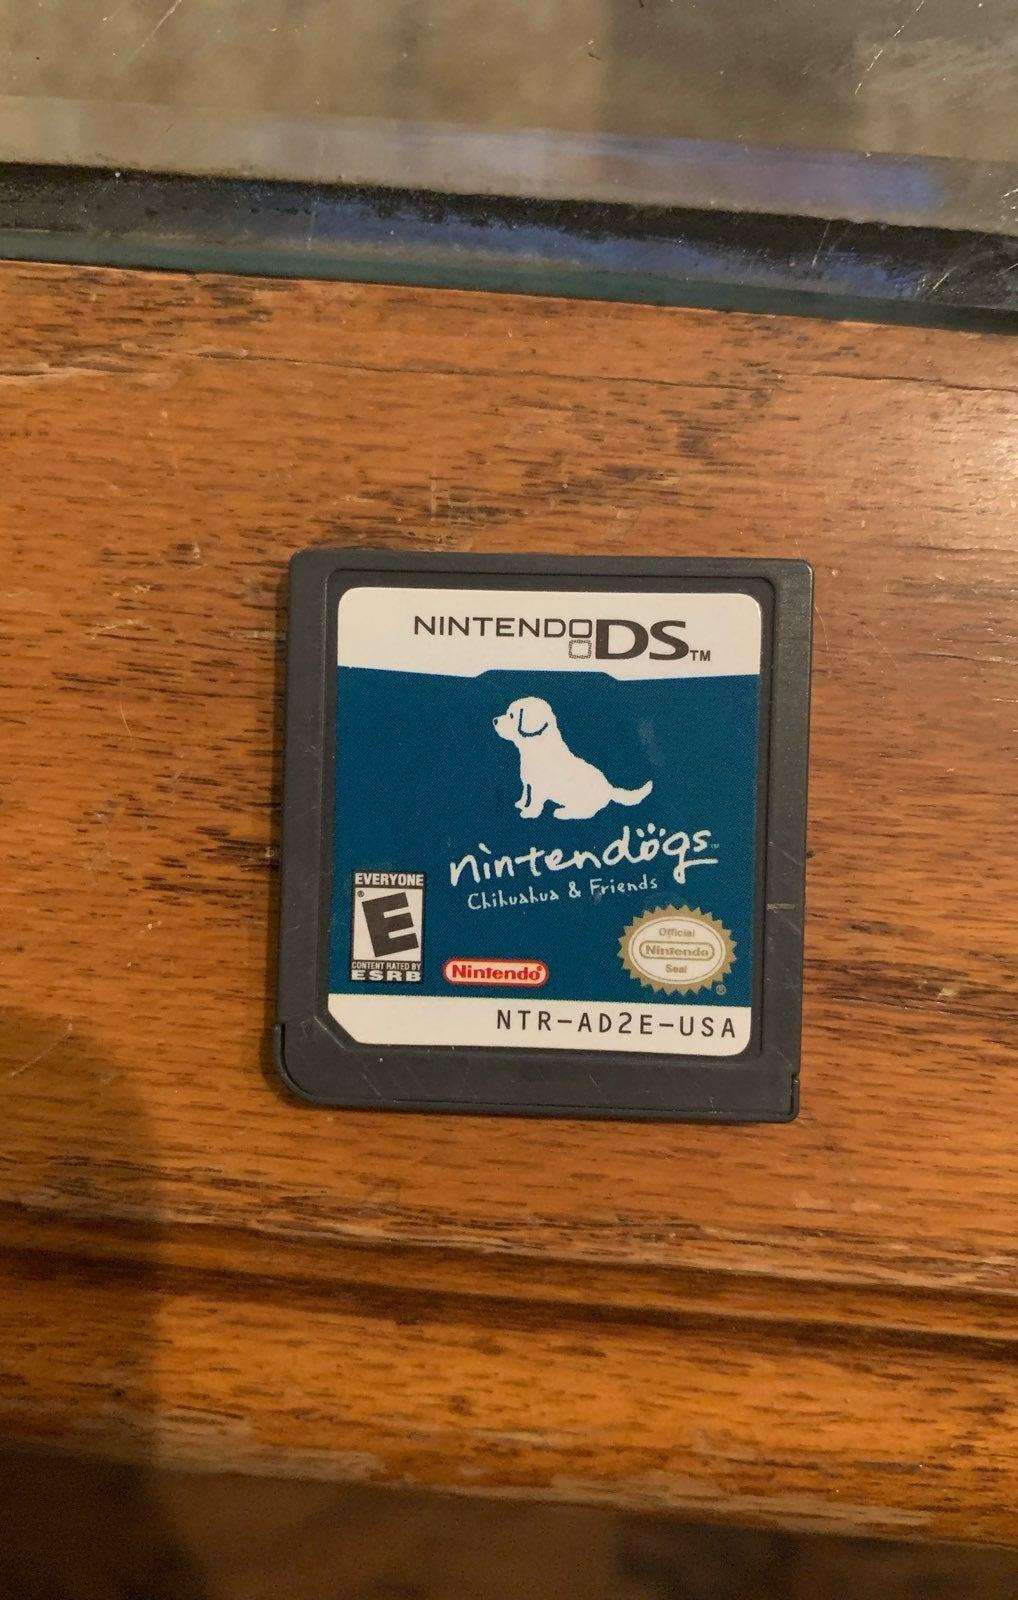 Nintendogs for Nintendo DS